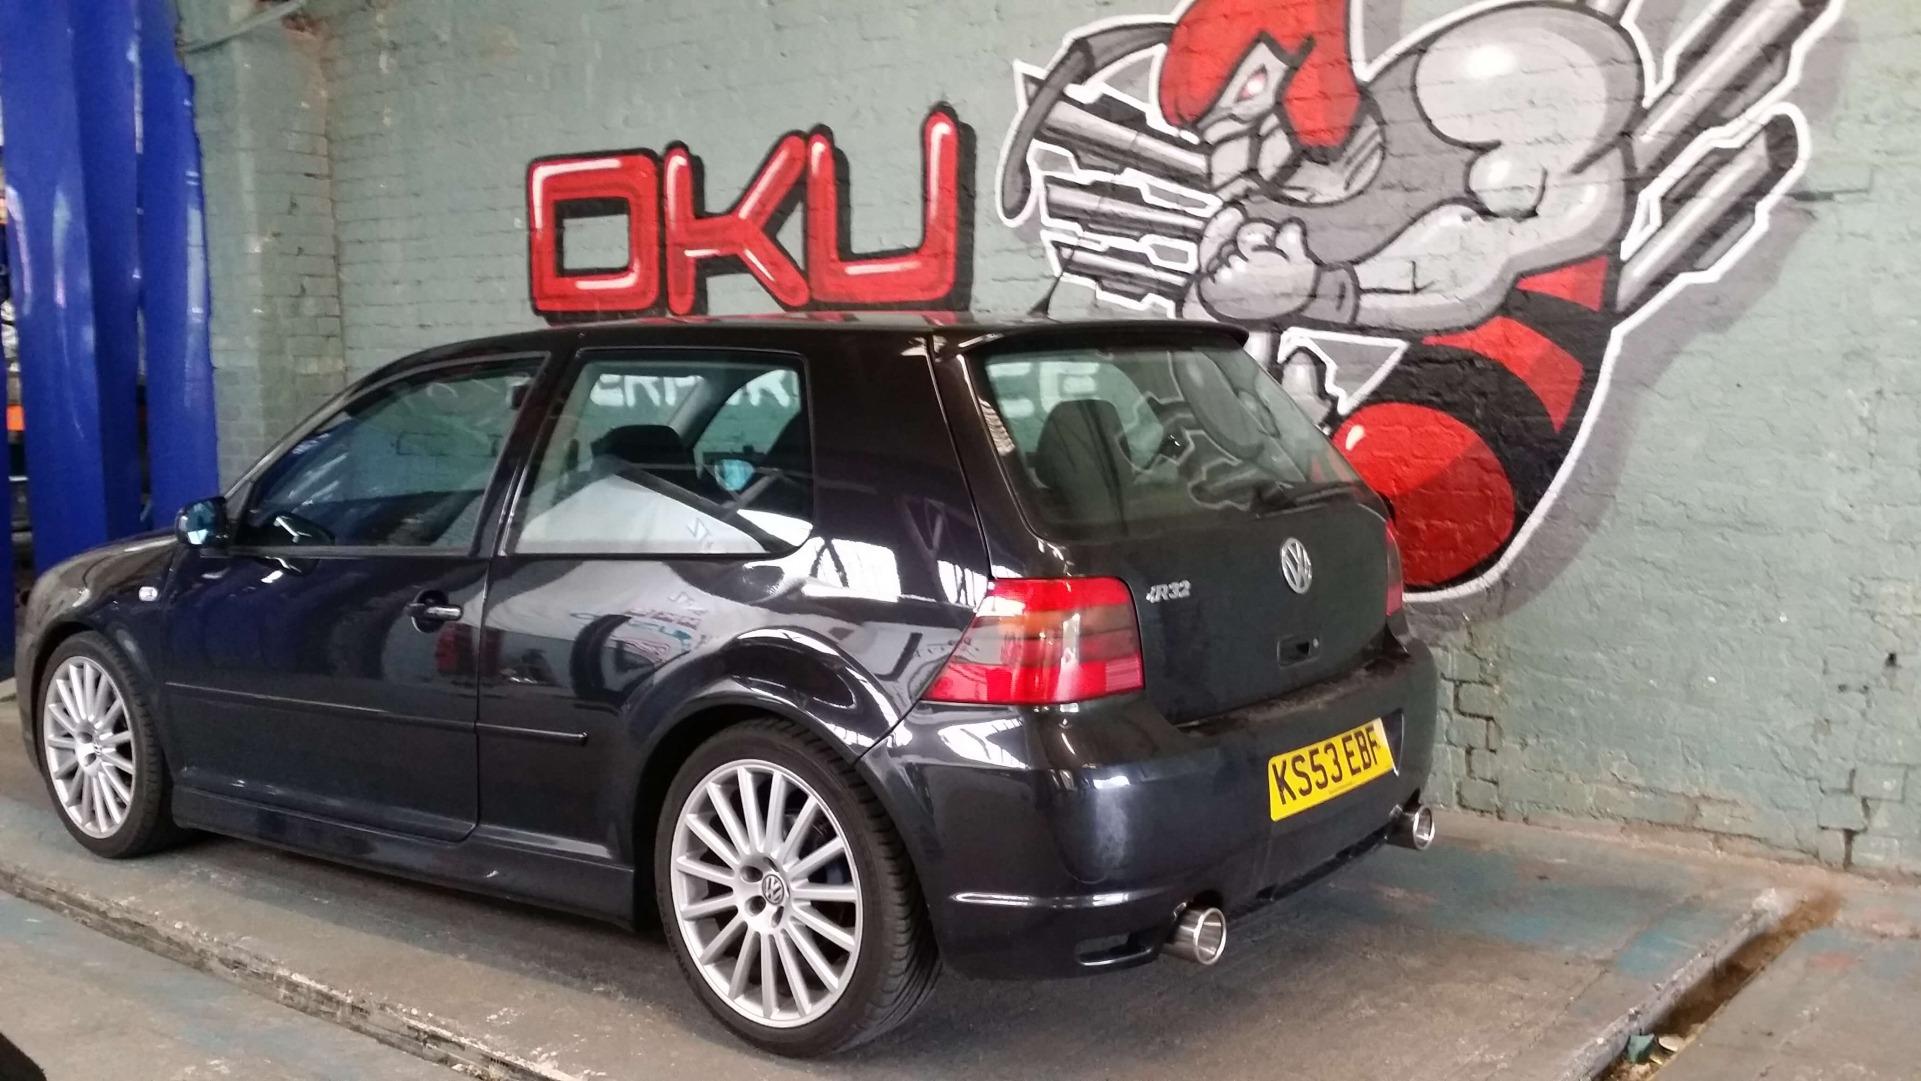 VW GOLF R32 MK4 Ecu Remap